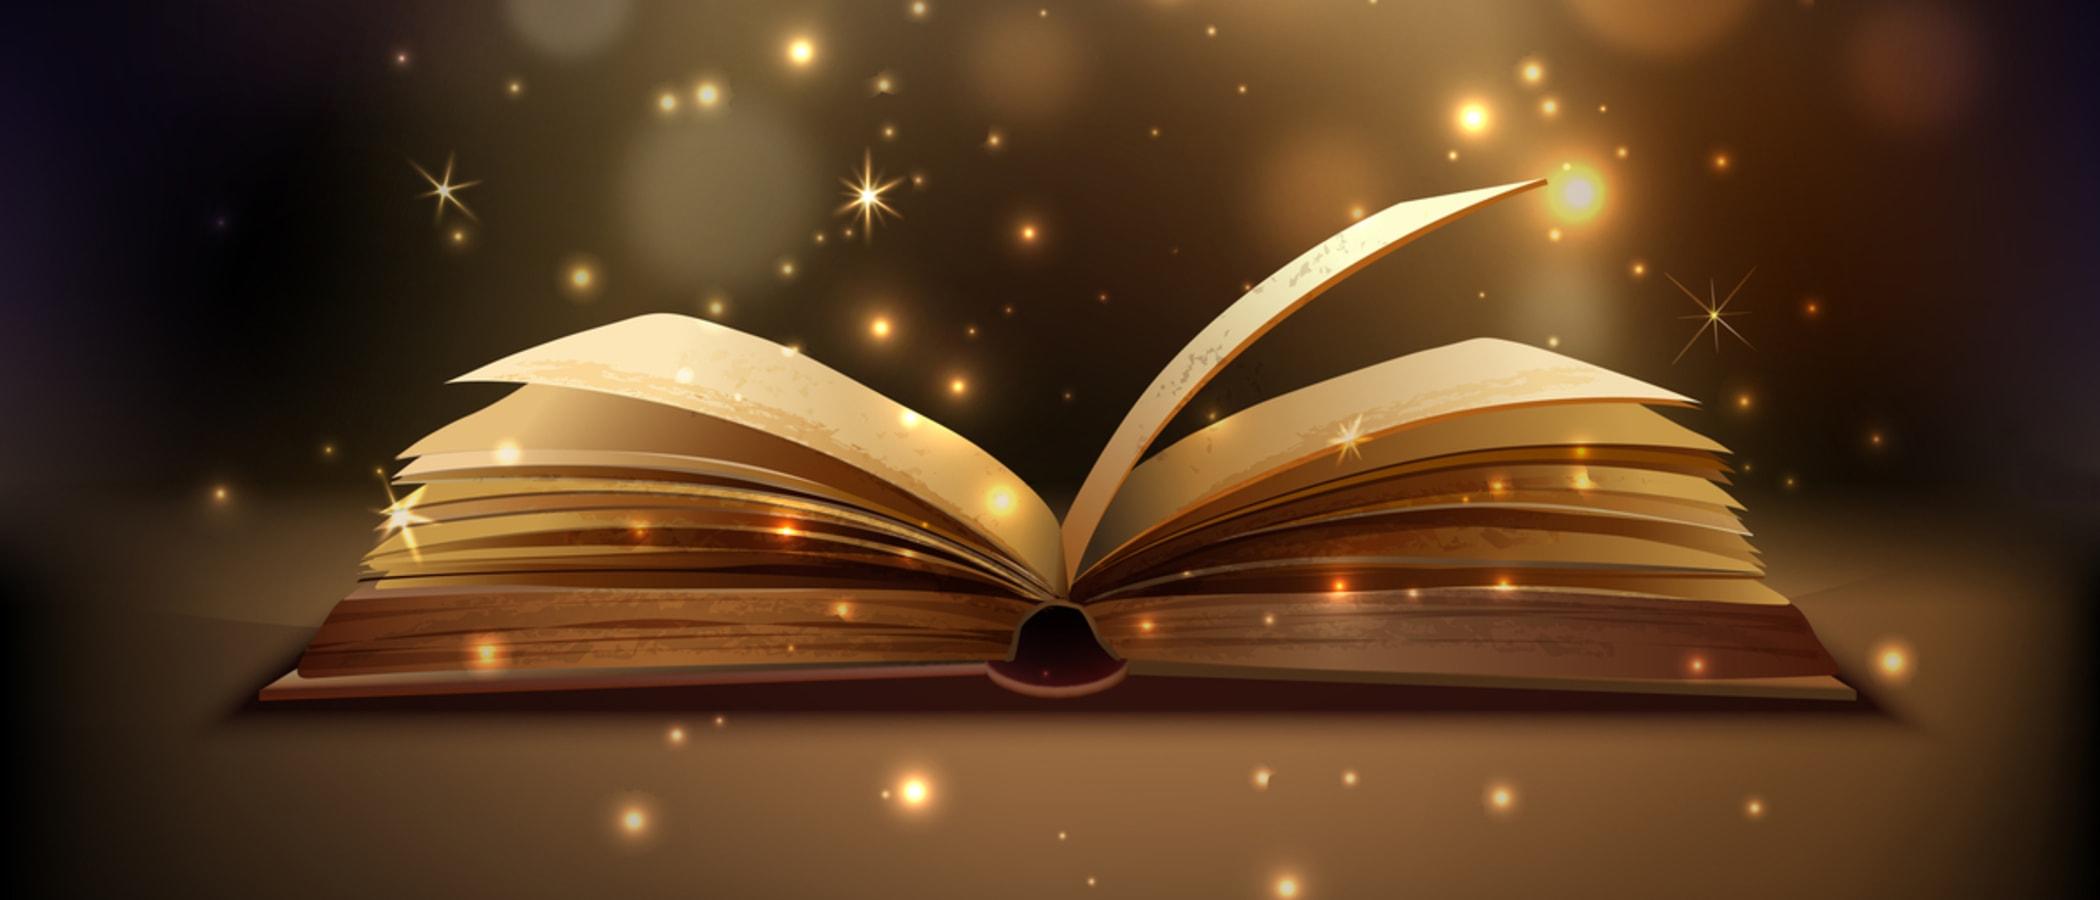 Top 10 Employee Handbook Updates